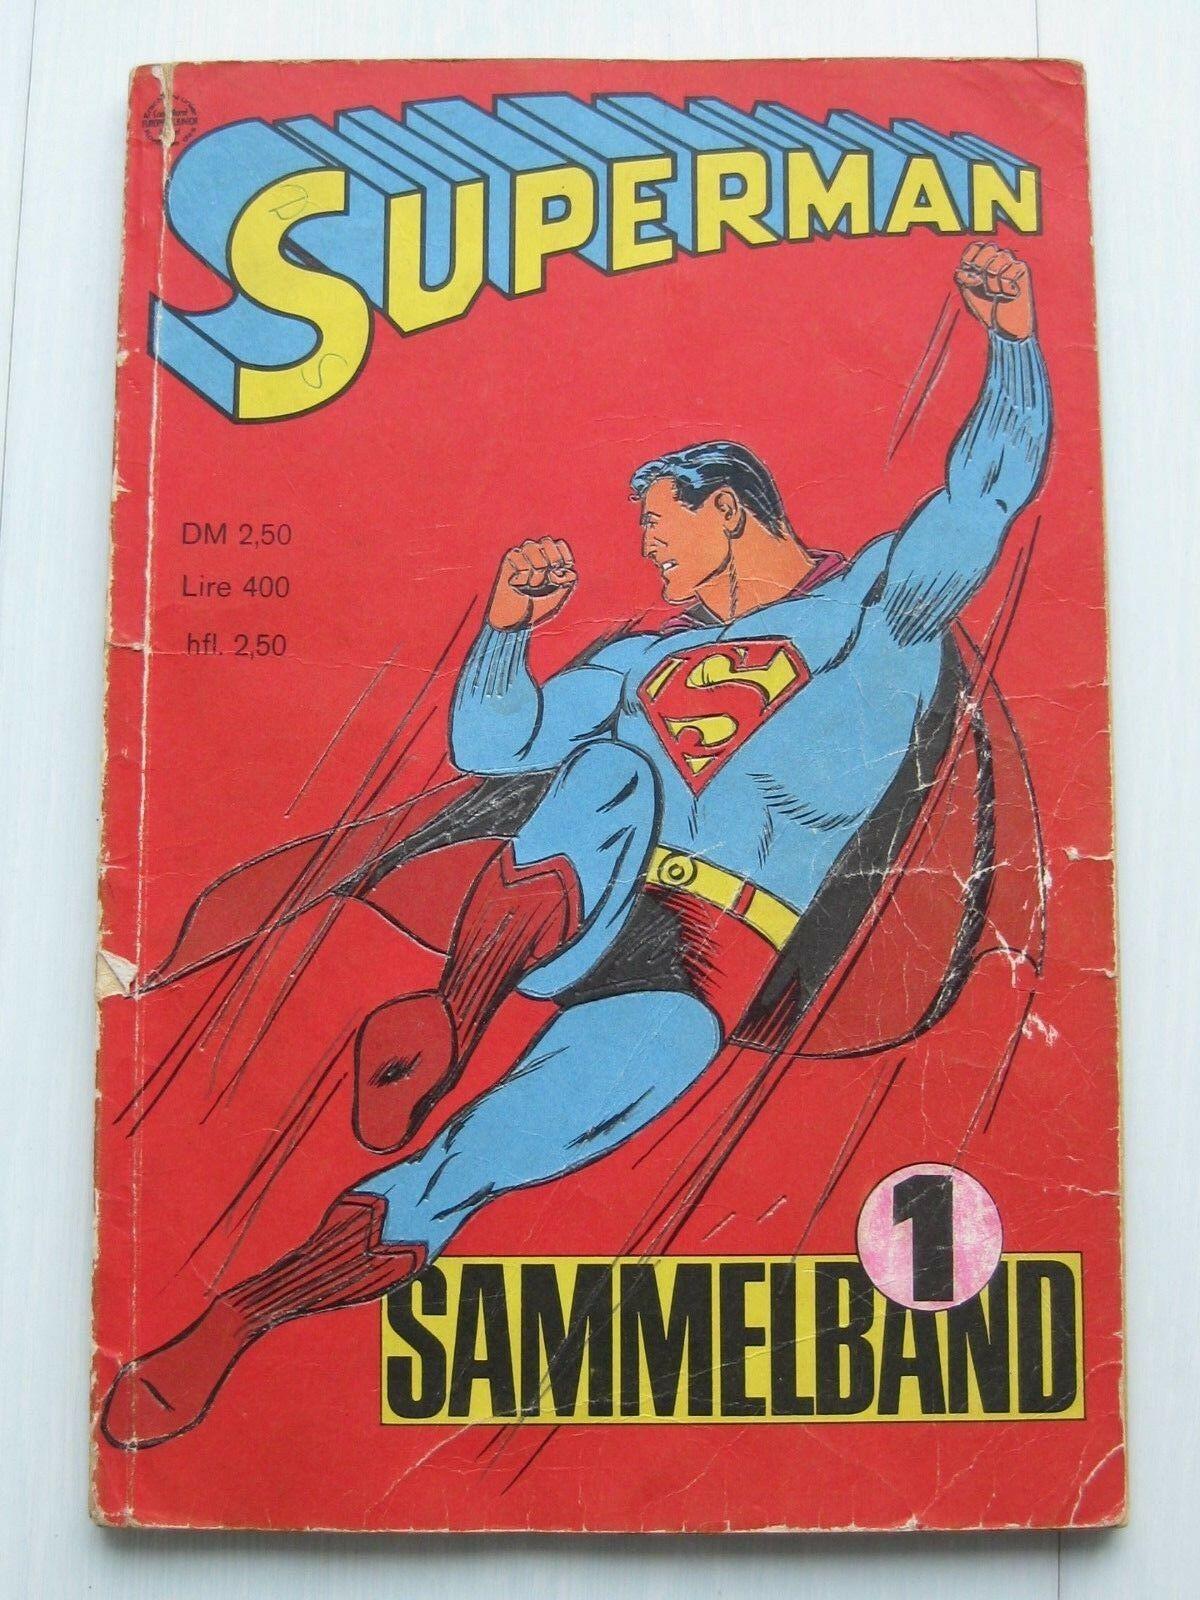 Superman Batman Sammelband 1966 mit Hefte 1-4, Zustand 3, Ehapa-Verlag